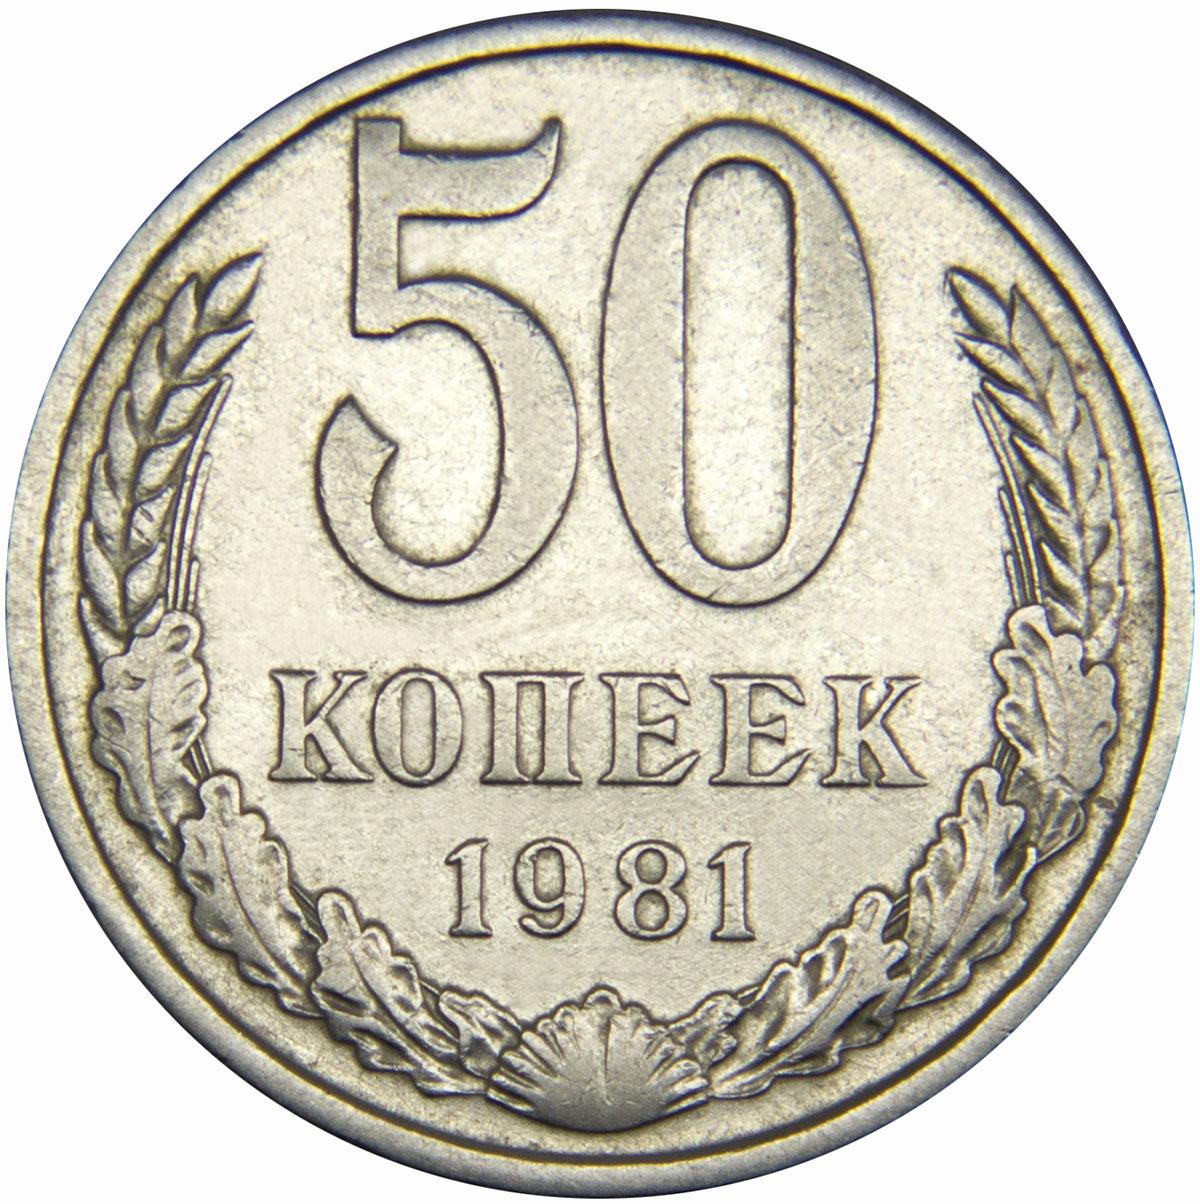 Монета номиналом 50 копеек. Медно-никелевый сплав. Сохранность VF. СССР, 1981 год739Диаметр монеты: 24 мм Вес: 4,4 г. Материал: медь-никель Гурт: надпись